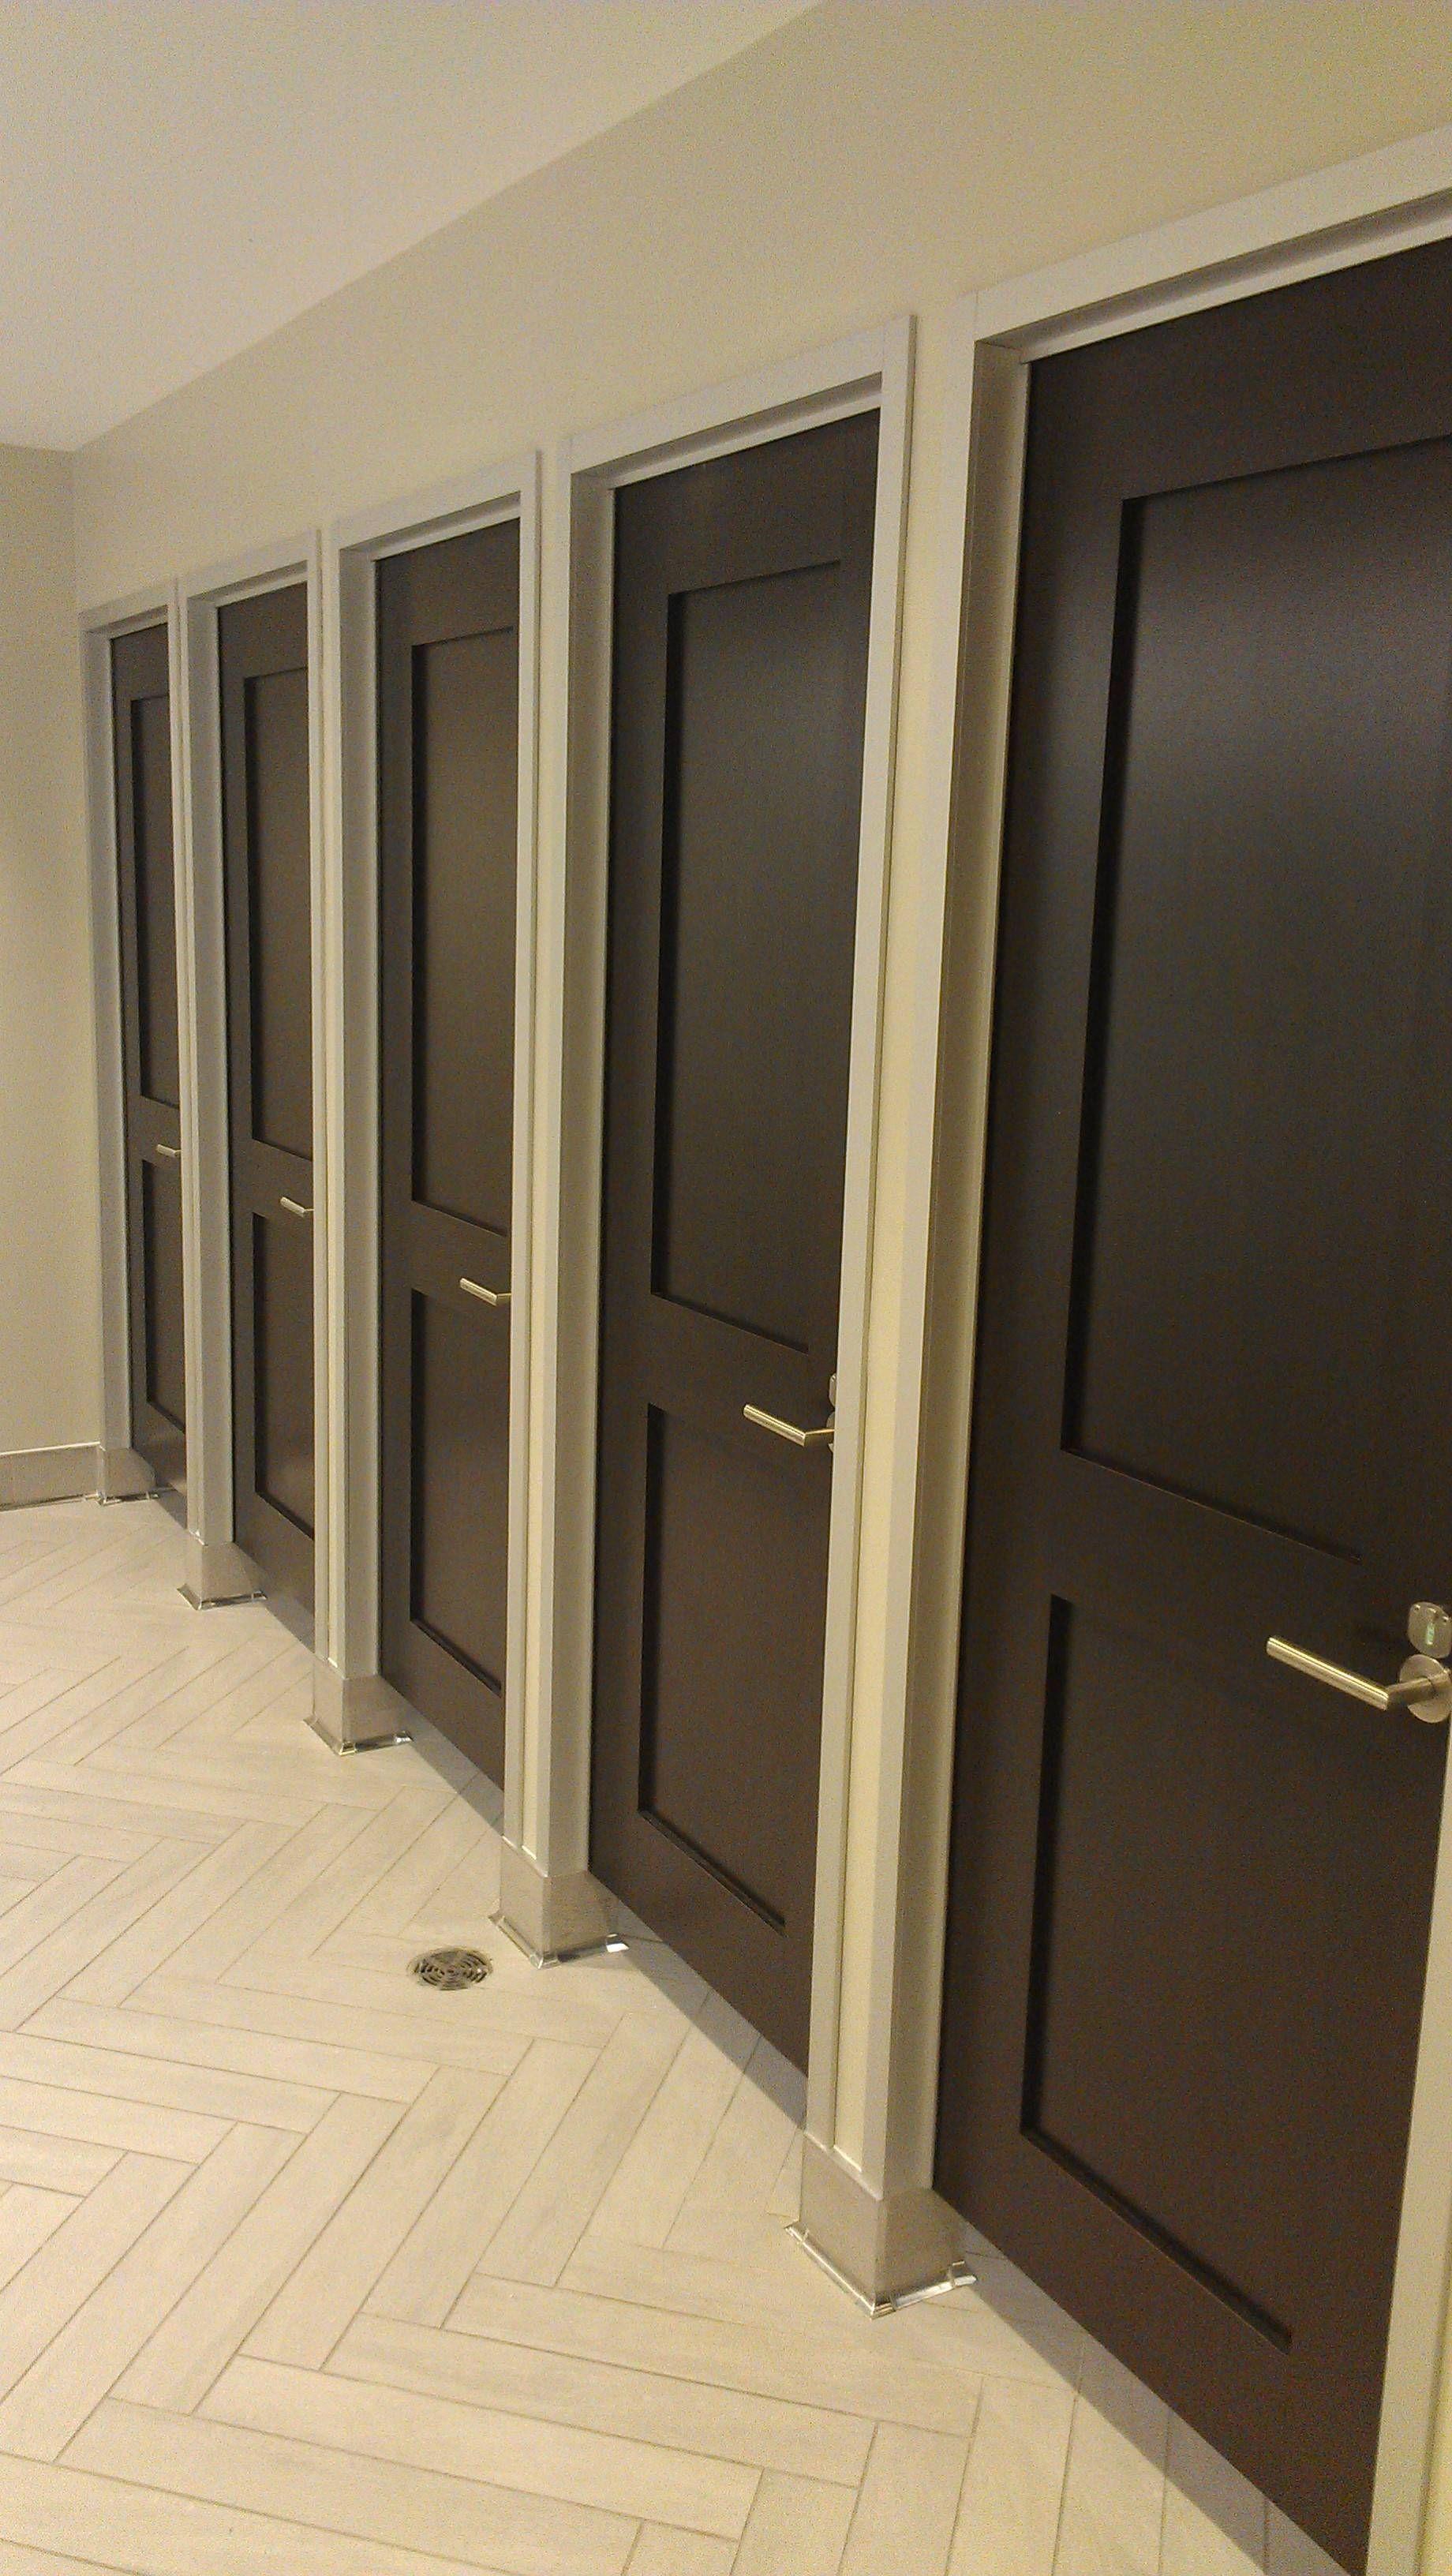 Restaurant Bathroom Door Handles Bathroomtoilets Bathroom Door